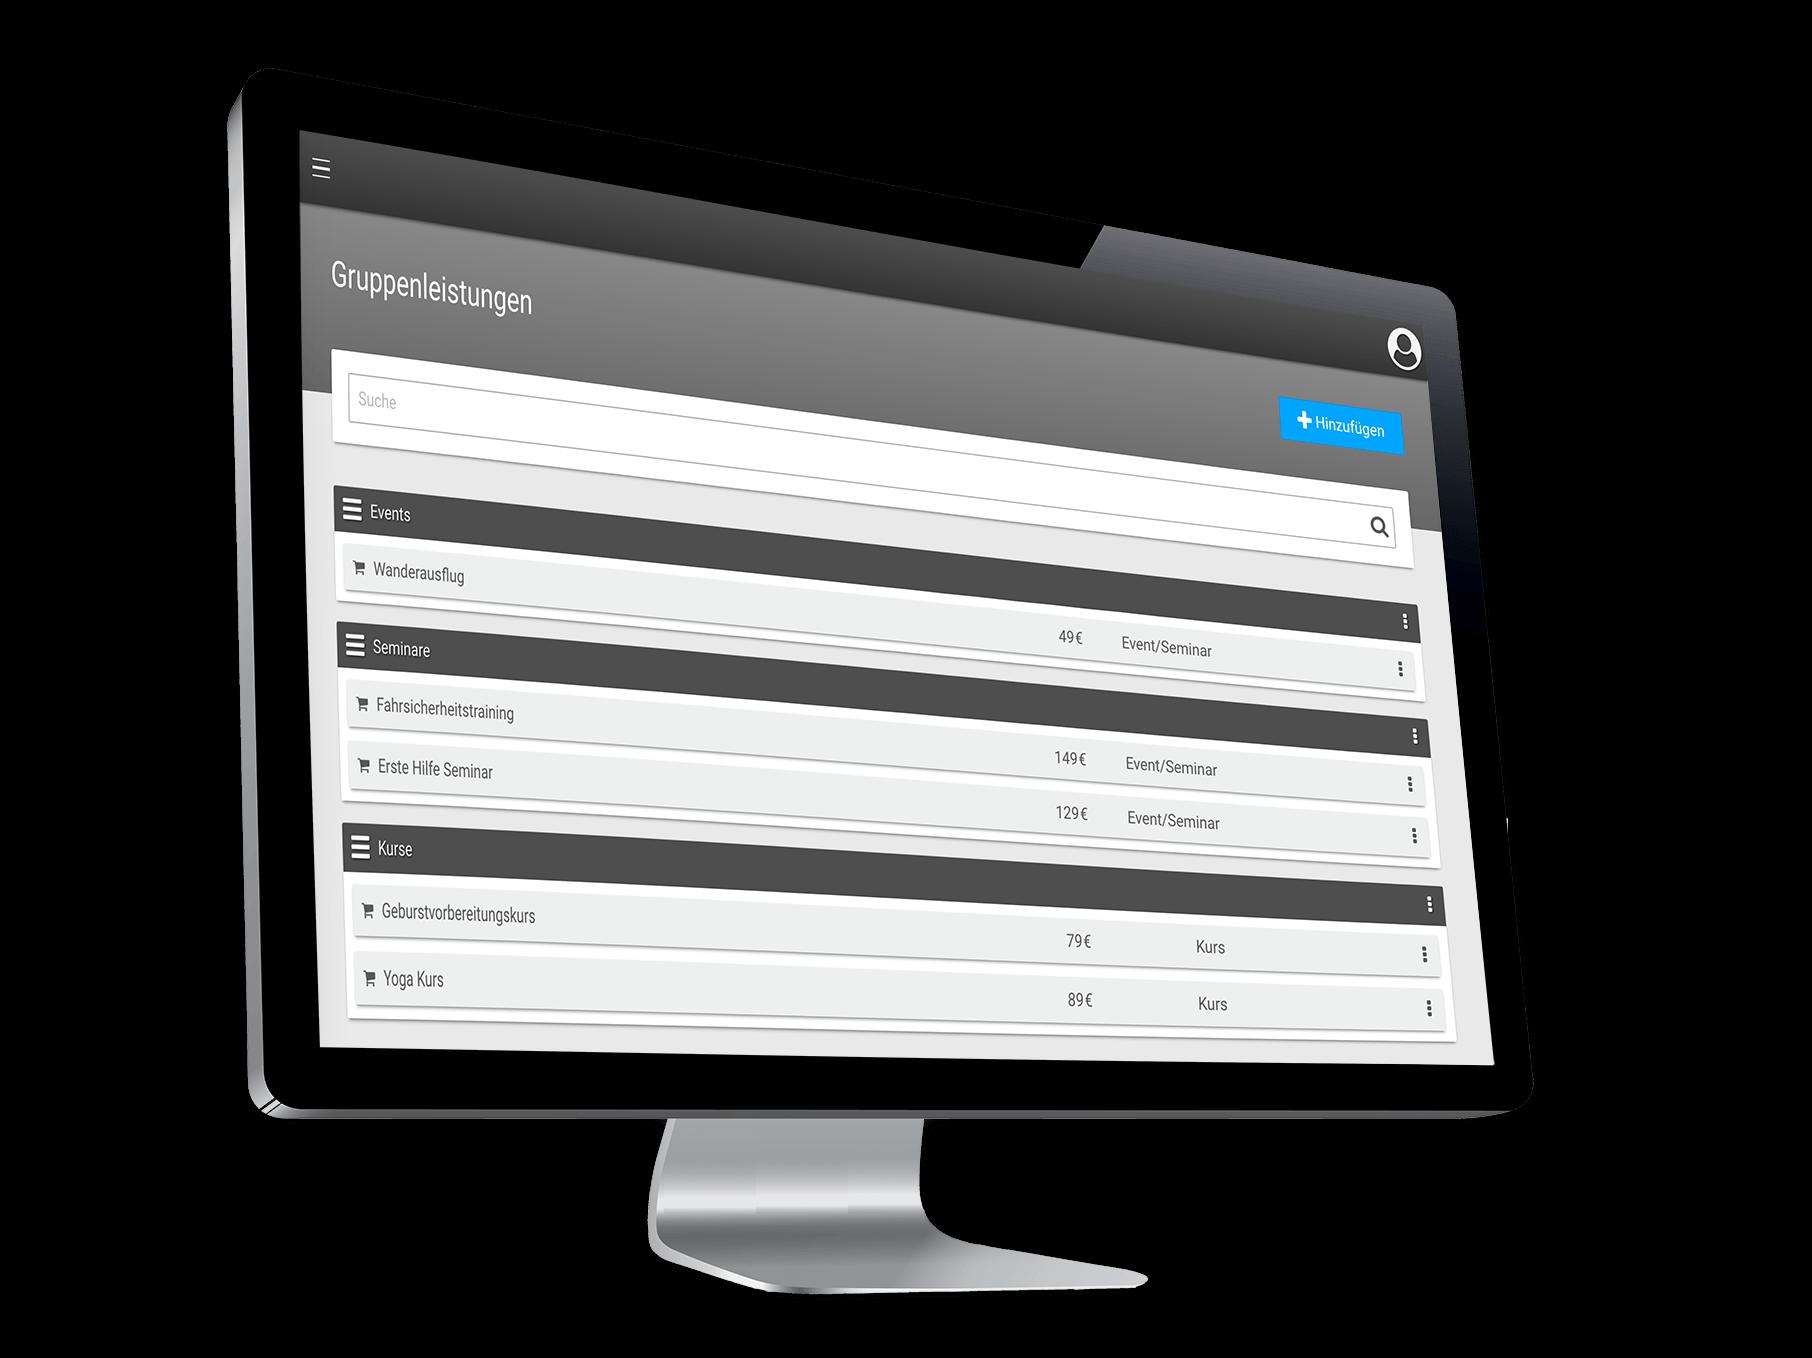 Online Kursplanungs- und verwaltungssoftware mit Onlinebuchung